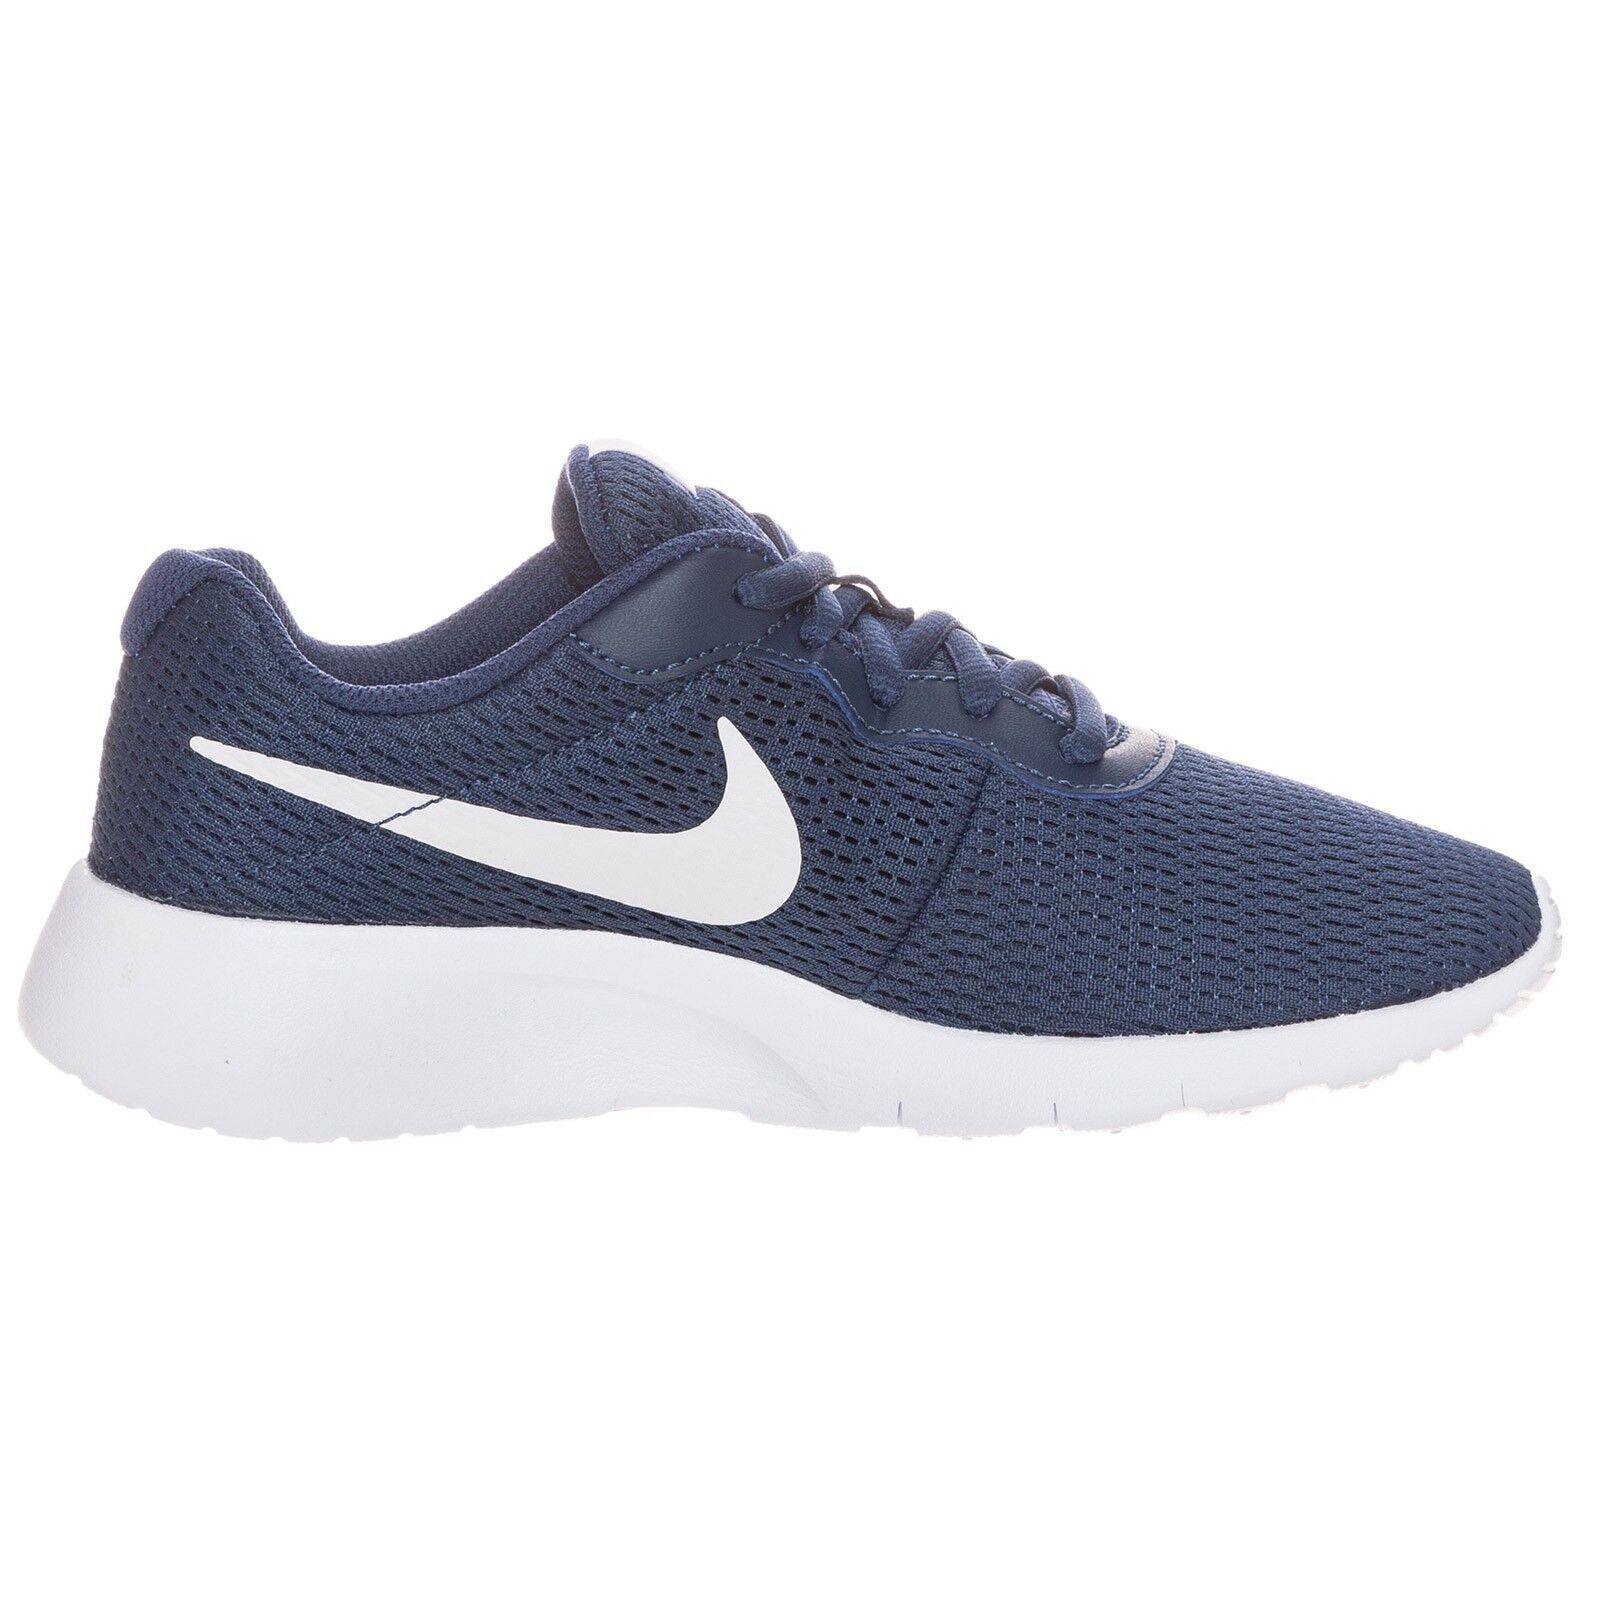 zapatos NIKE TANJUN GS -818381 403 - RUNNING RUNNING RUNNING CORSA TEMPO LIBERO - RAGAZZO RAGAZZA  marca en liquidación de venta